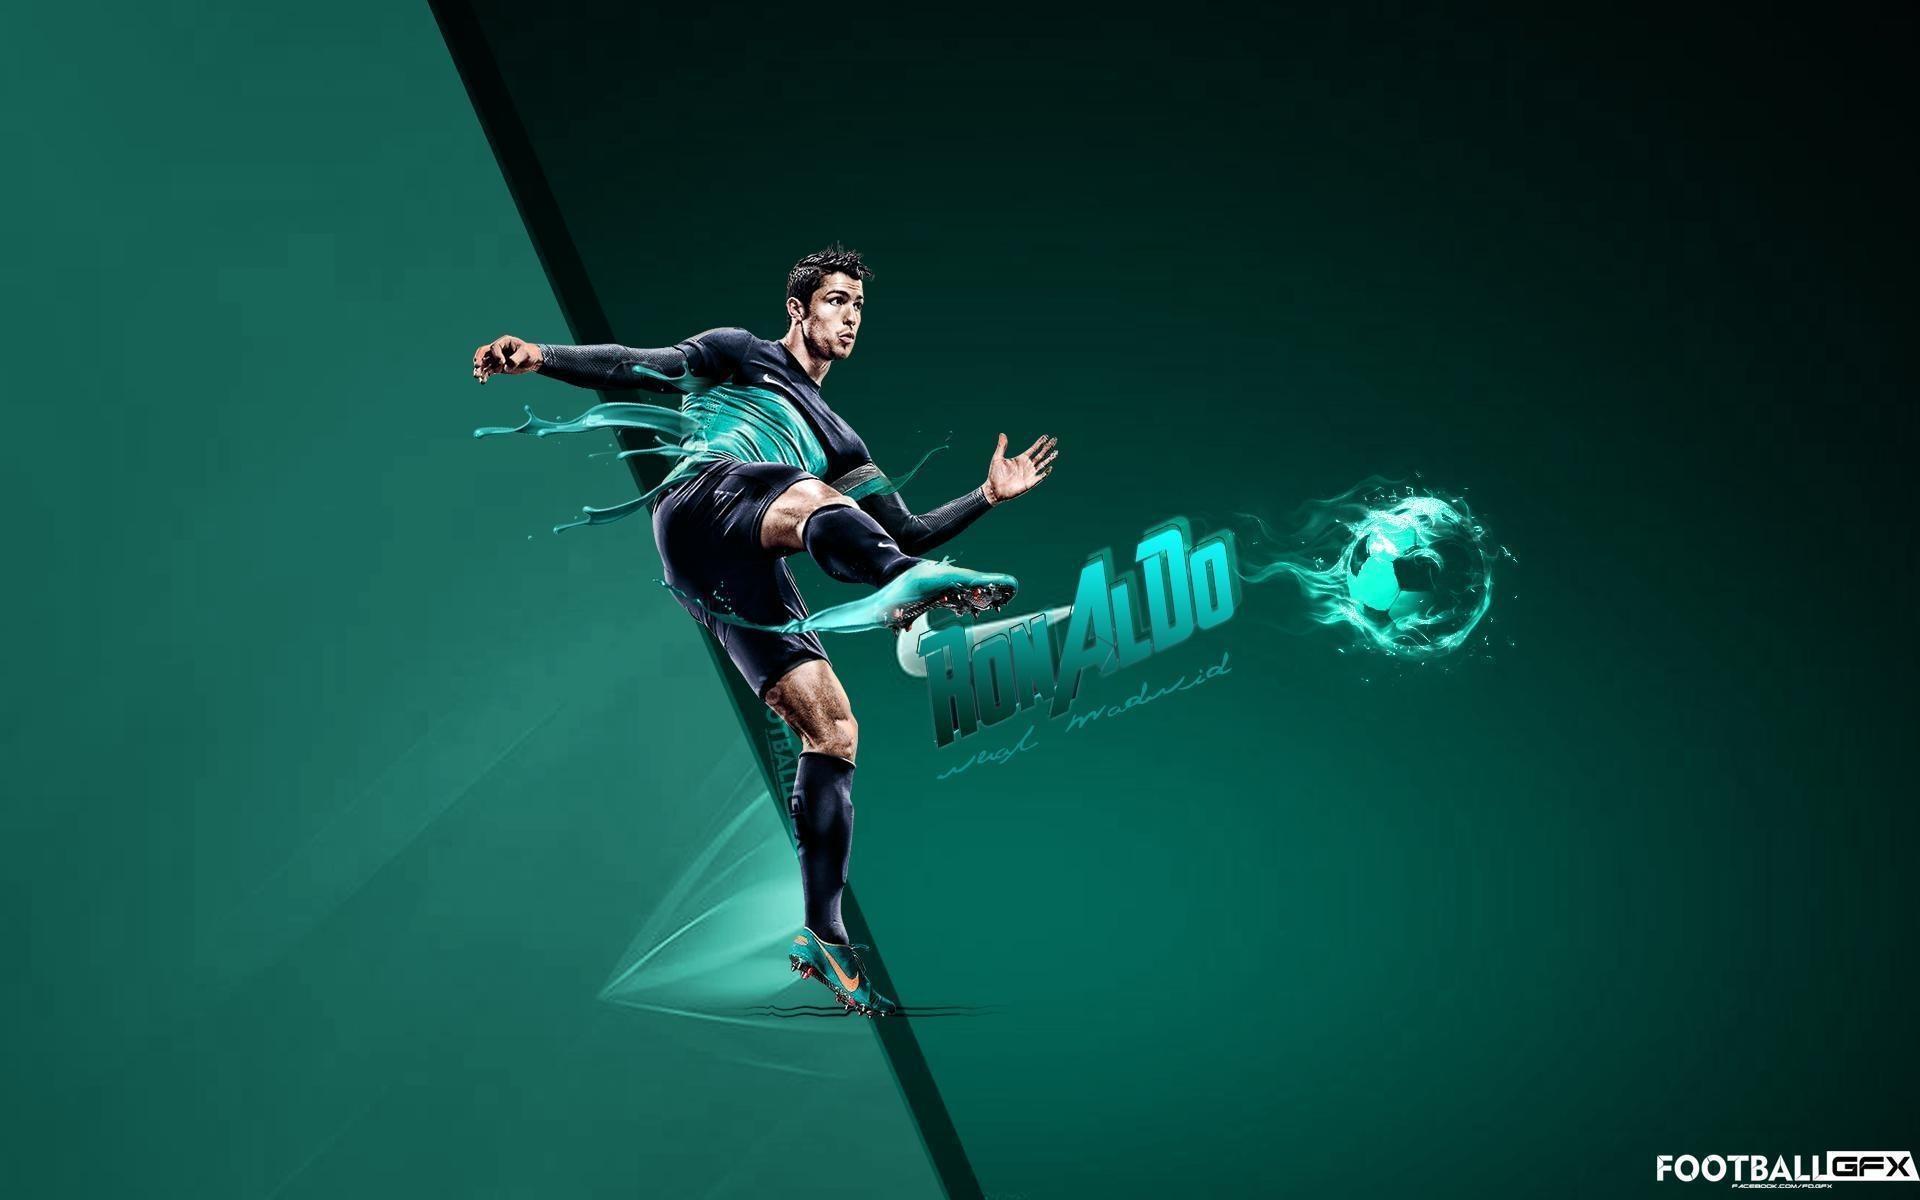 Cristiano Ronaldo Nike Wallpaper 2018 61 Pictures